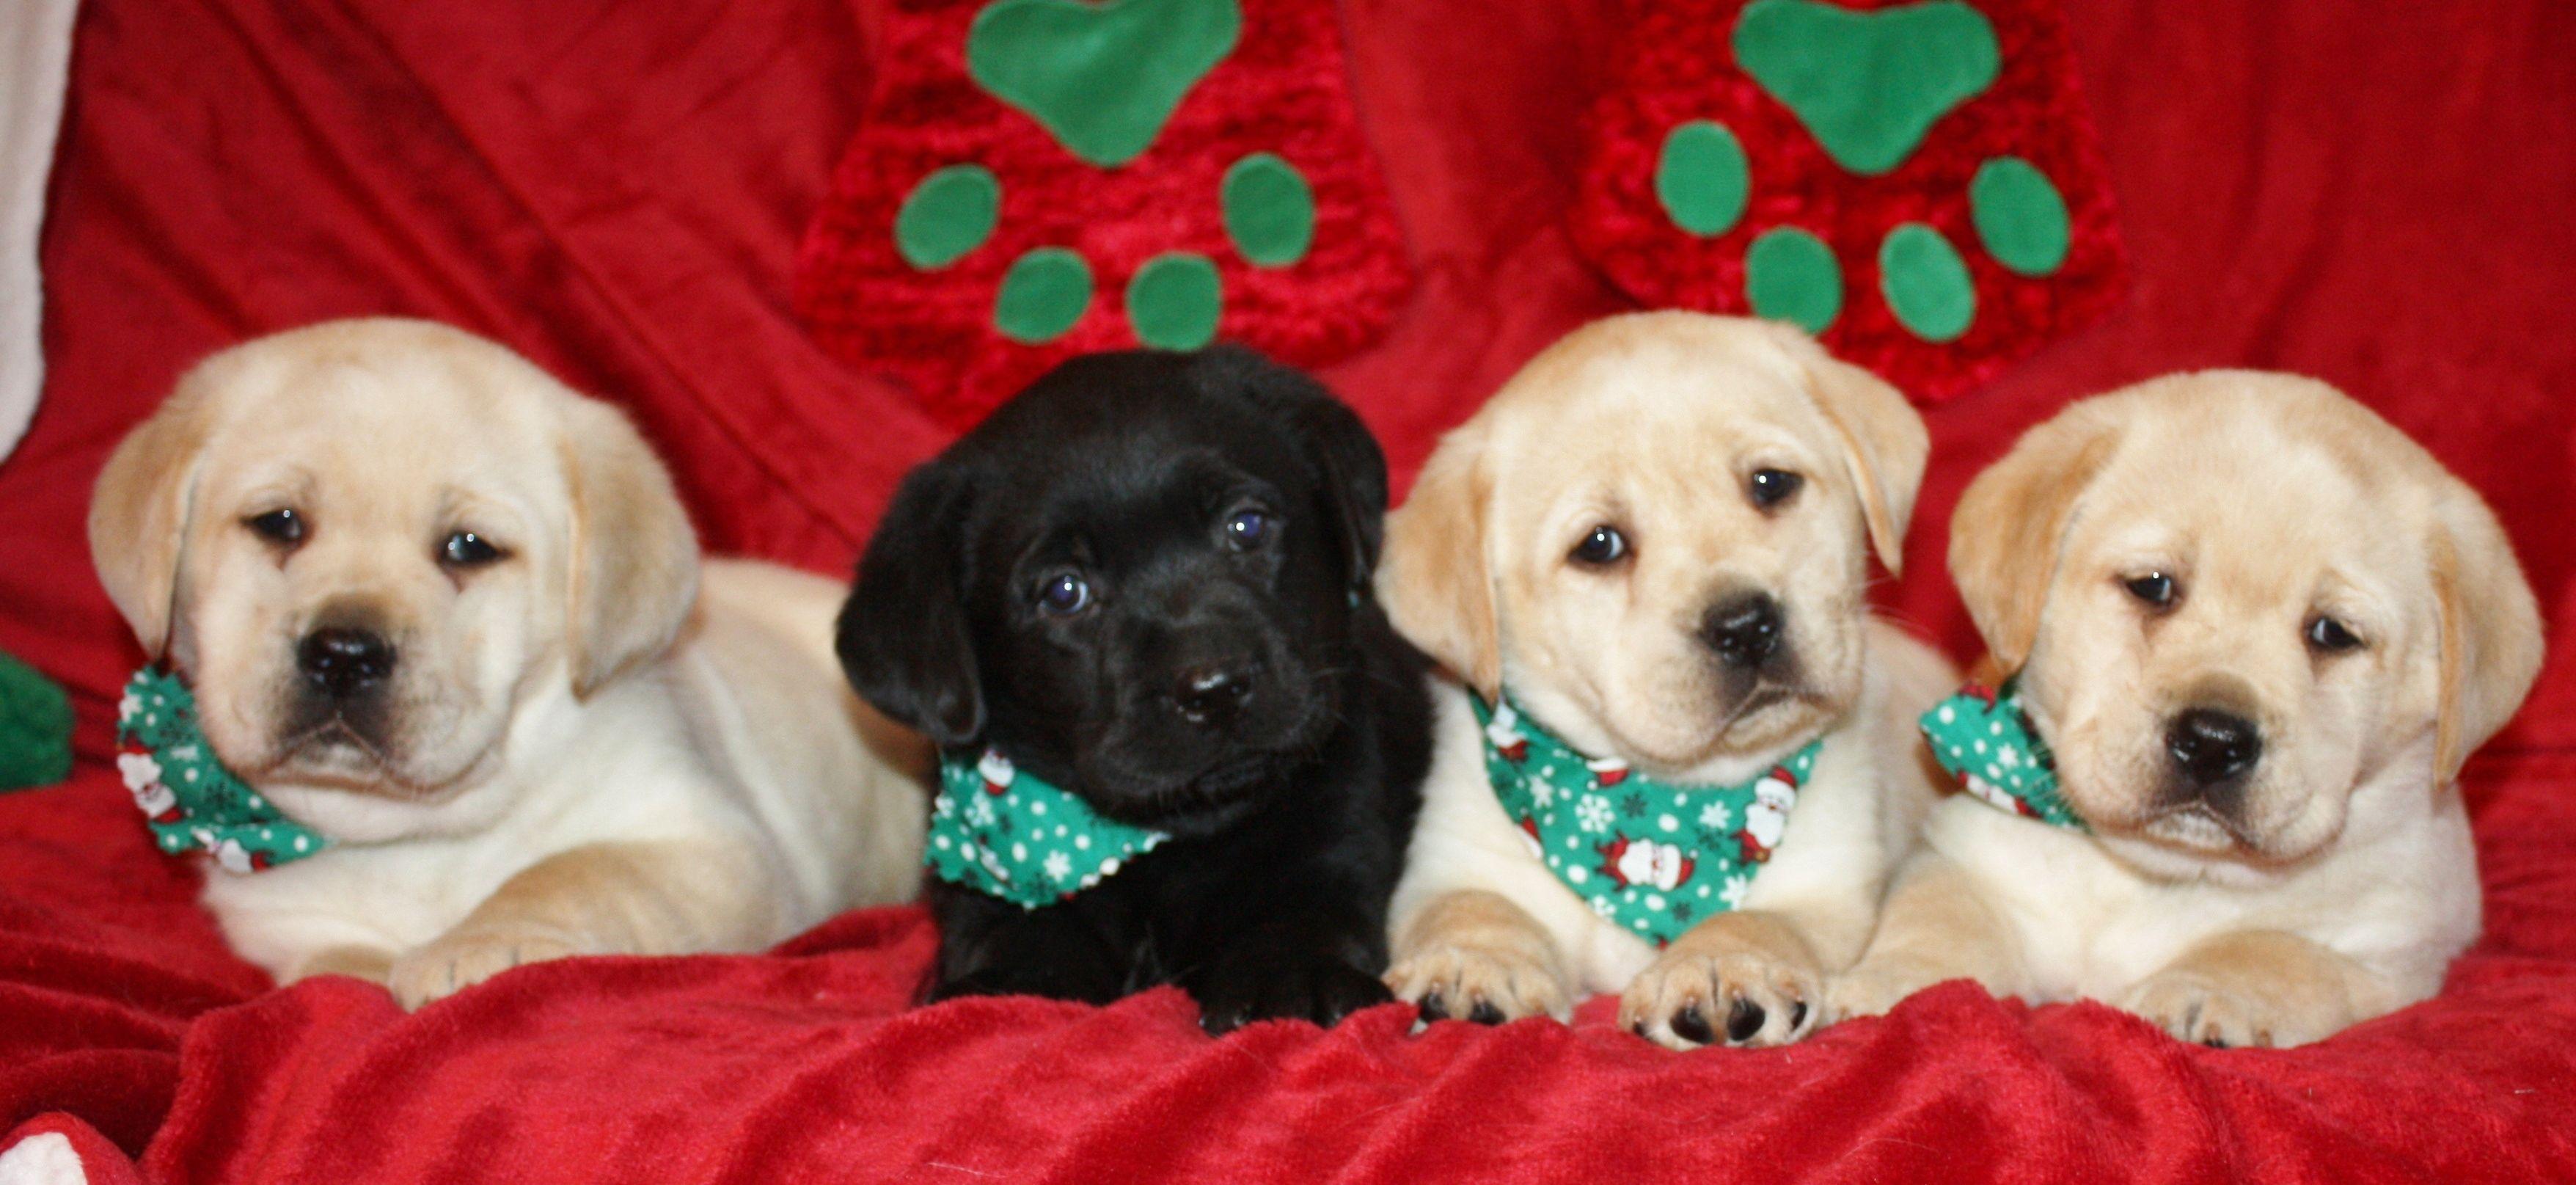 Labrador Retriever Puppies Christmas Labrador Puppies 3512x1615px 232626 Christmas Puppy Puppies Cute White Dogs